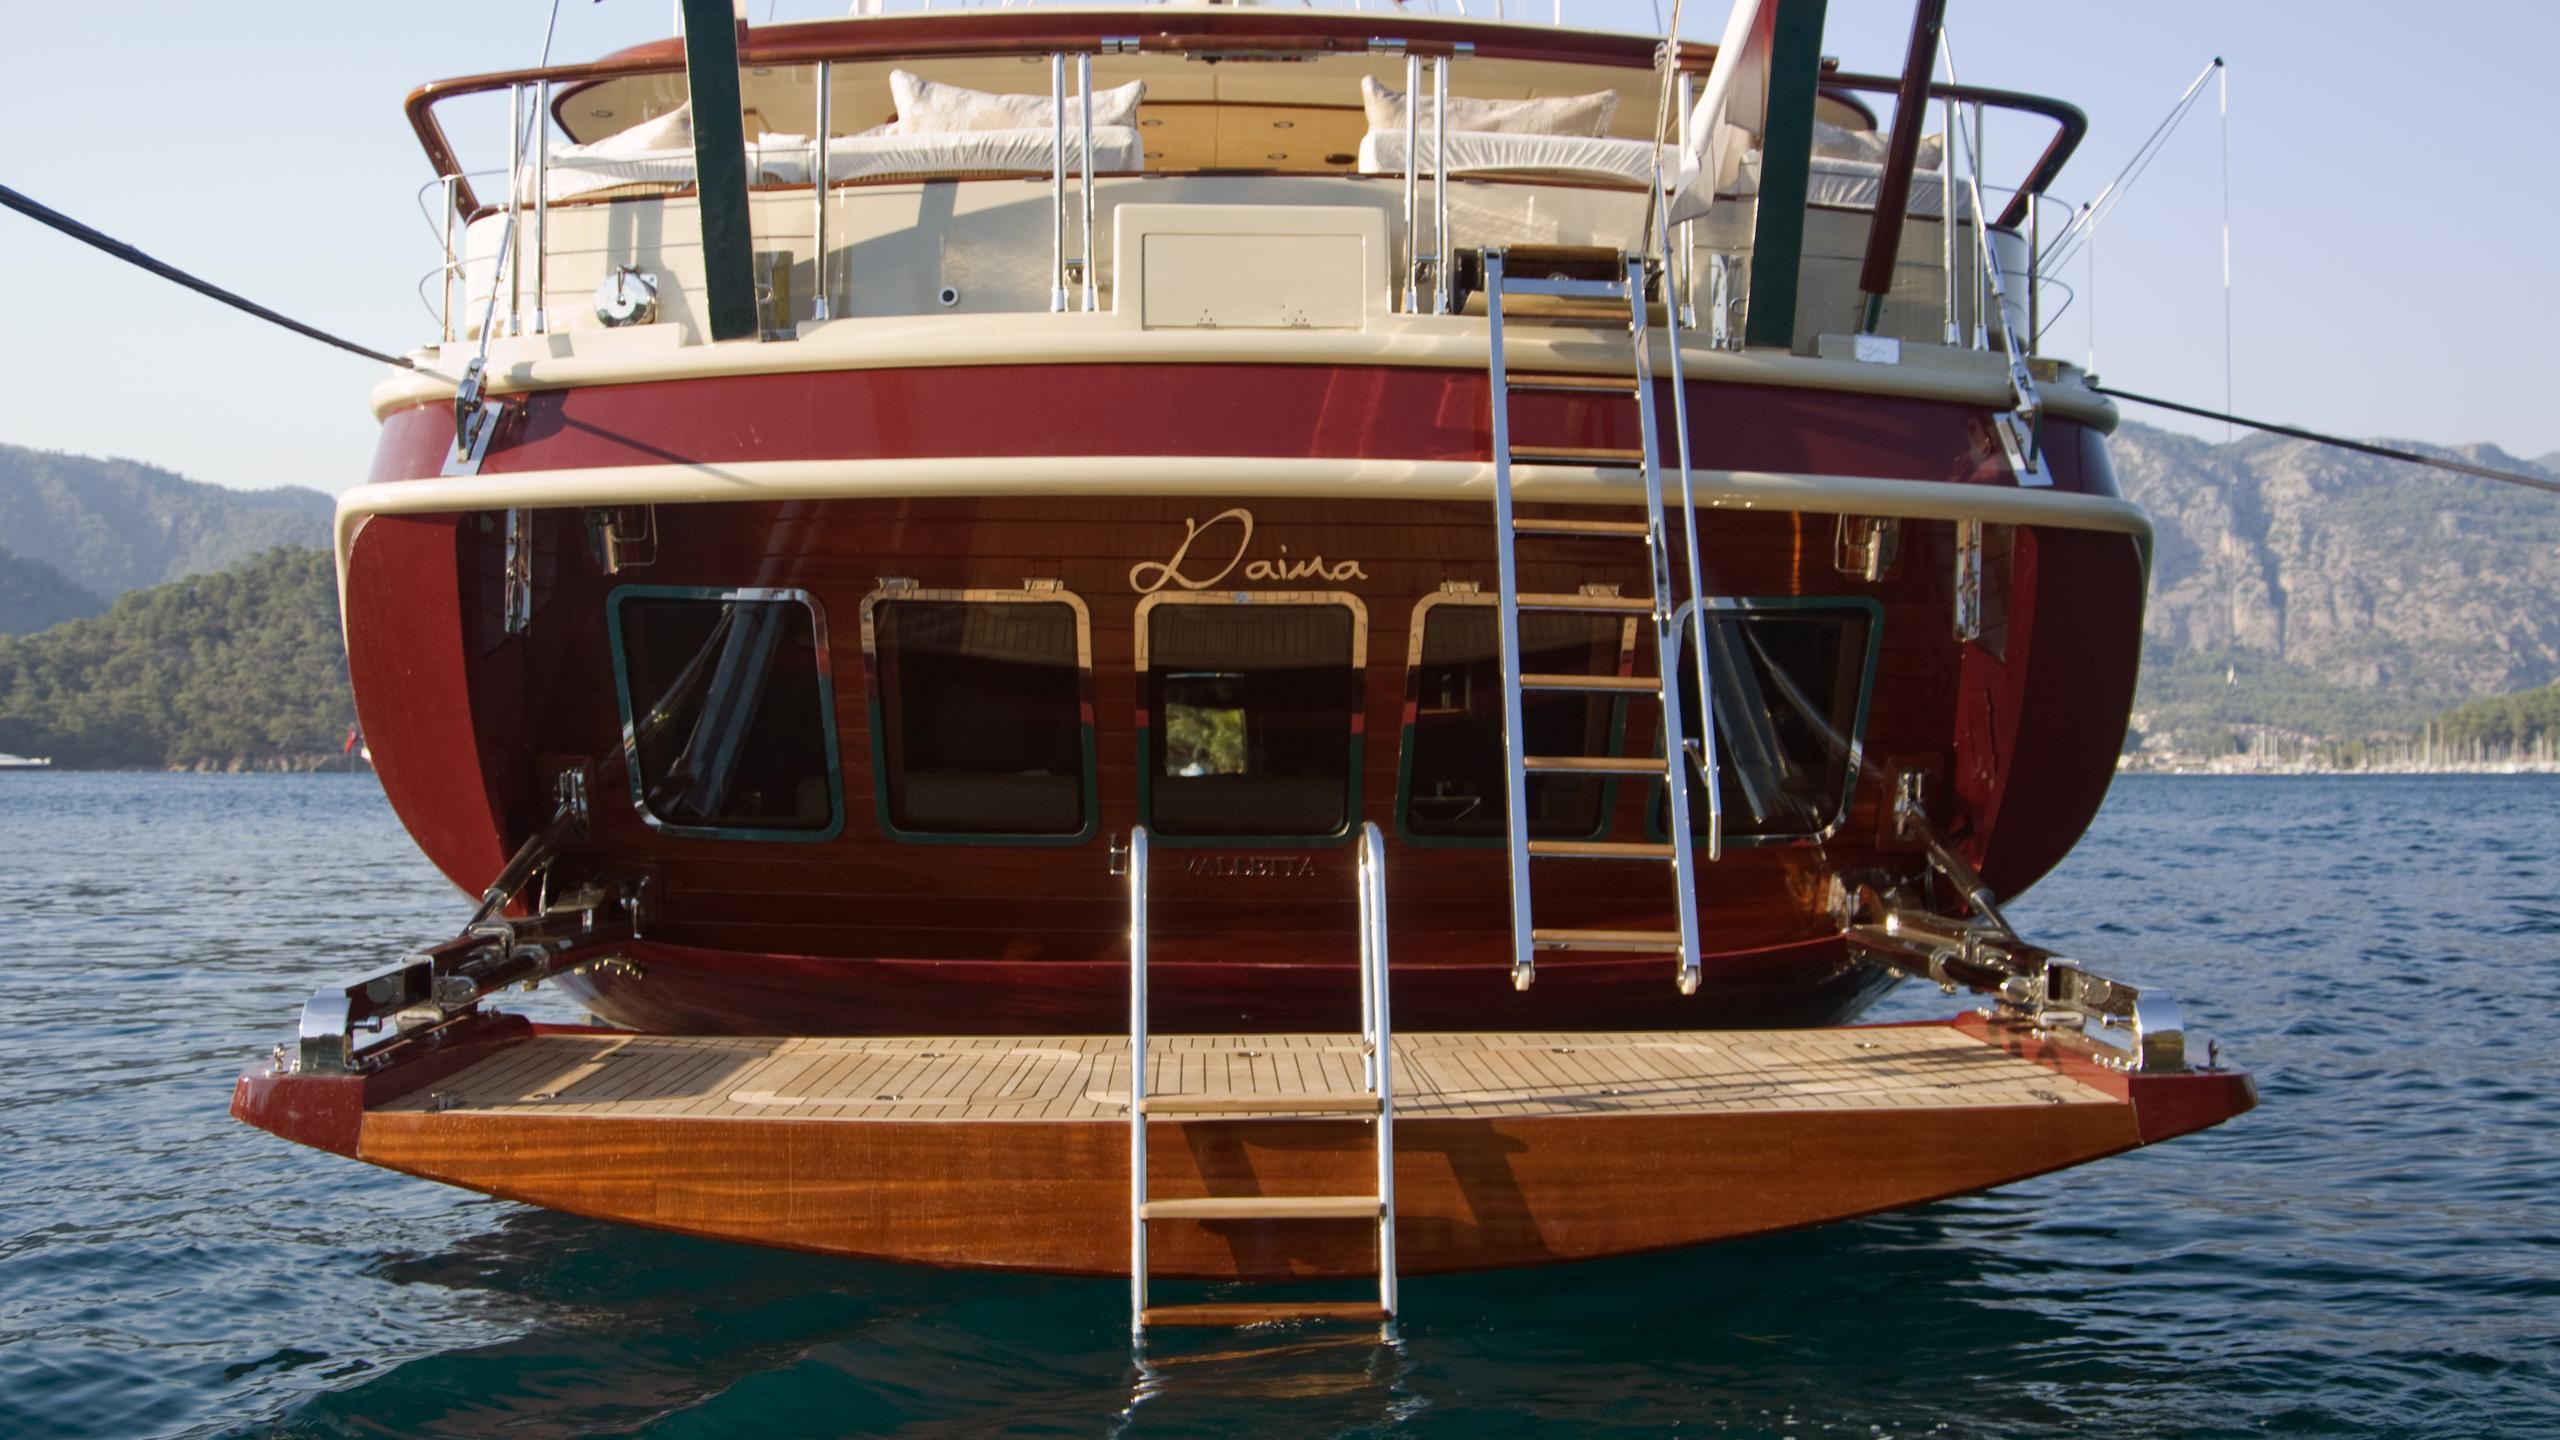 daima-yacht-stern